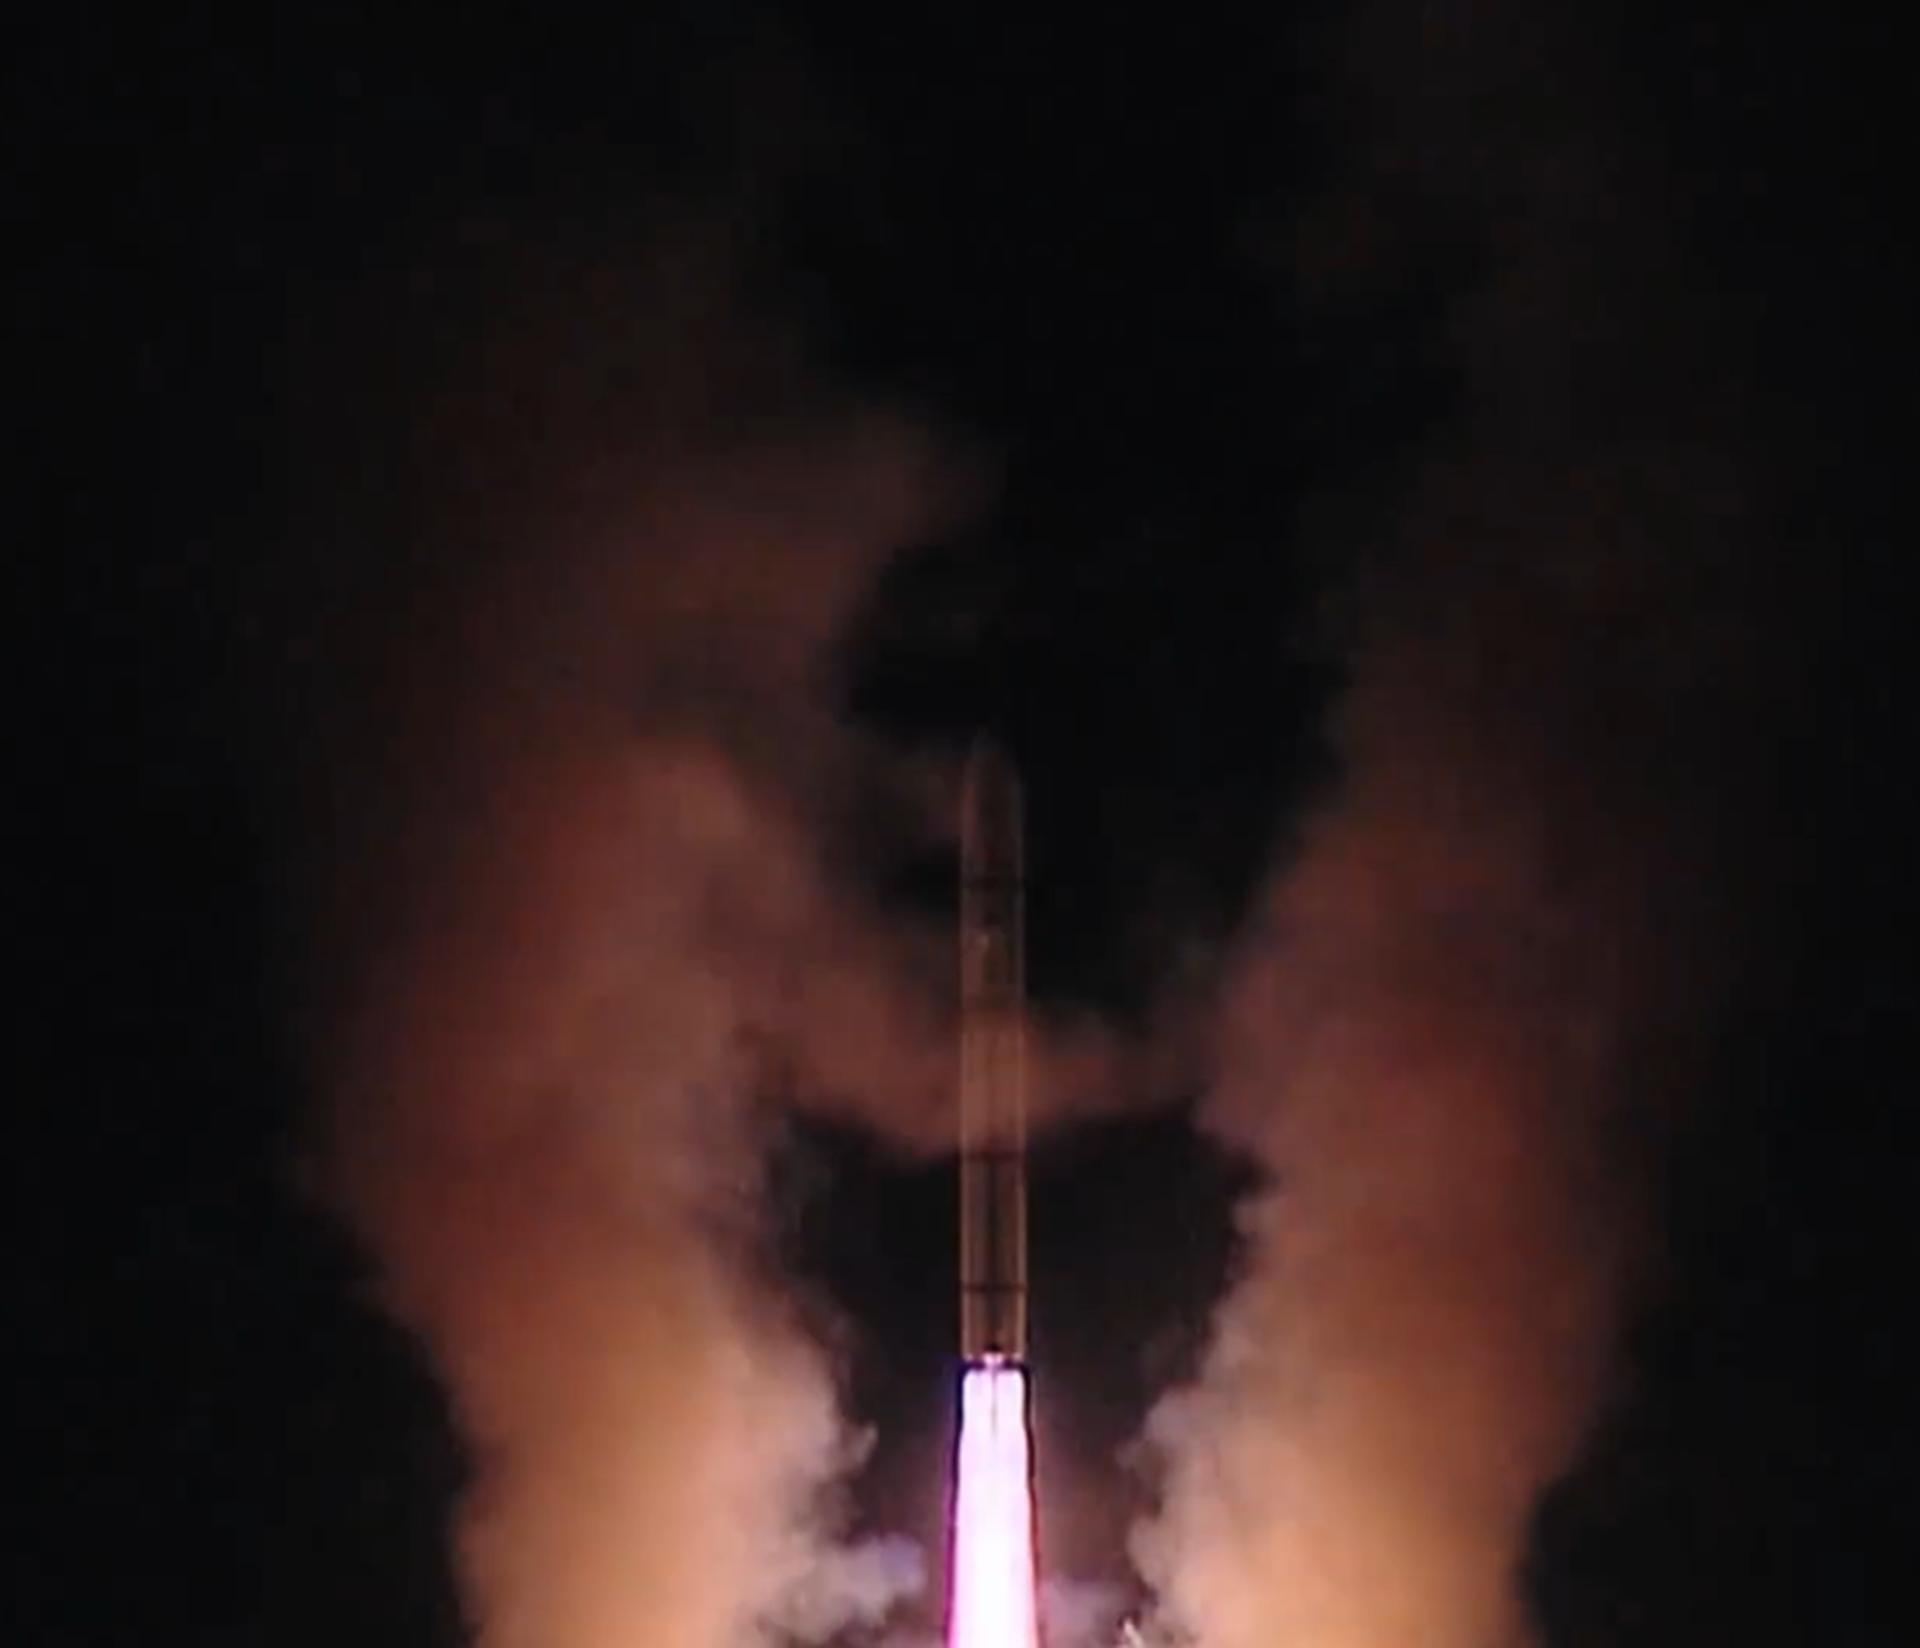 图为视频中出现的东风-5导弹发射镜头。(微博@中部战区发布)